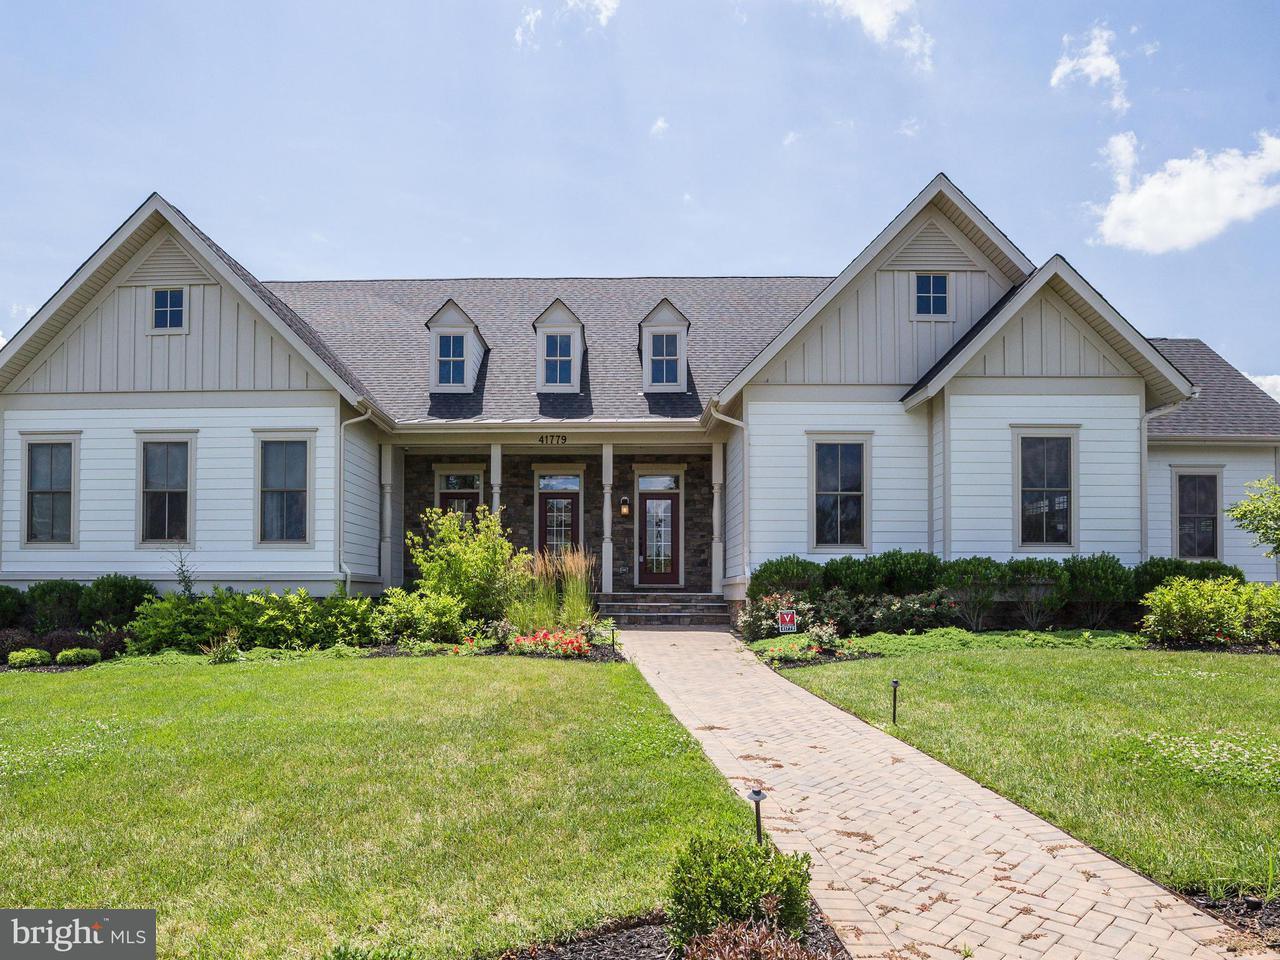 独户住宅 为 销售 在 41779 PRAIRIE ASTER Court 41779 PRAIRIE ASTER Court 阿什伯恩, 弗吉尼亚州 20148 美国